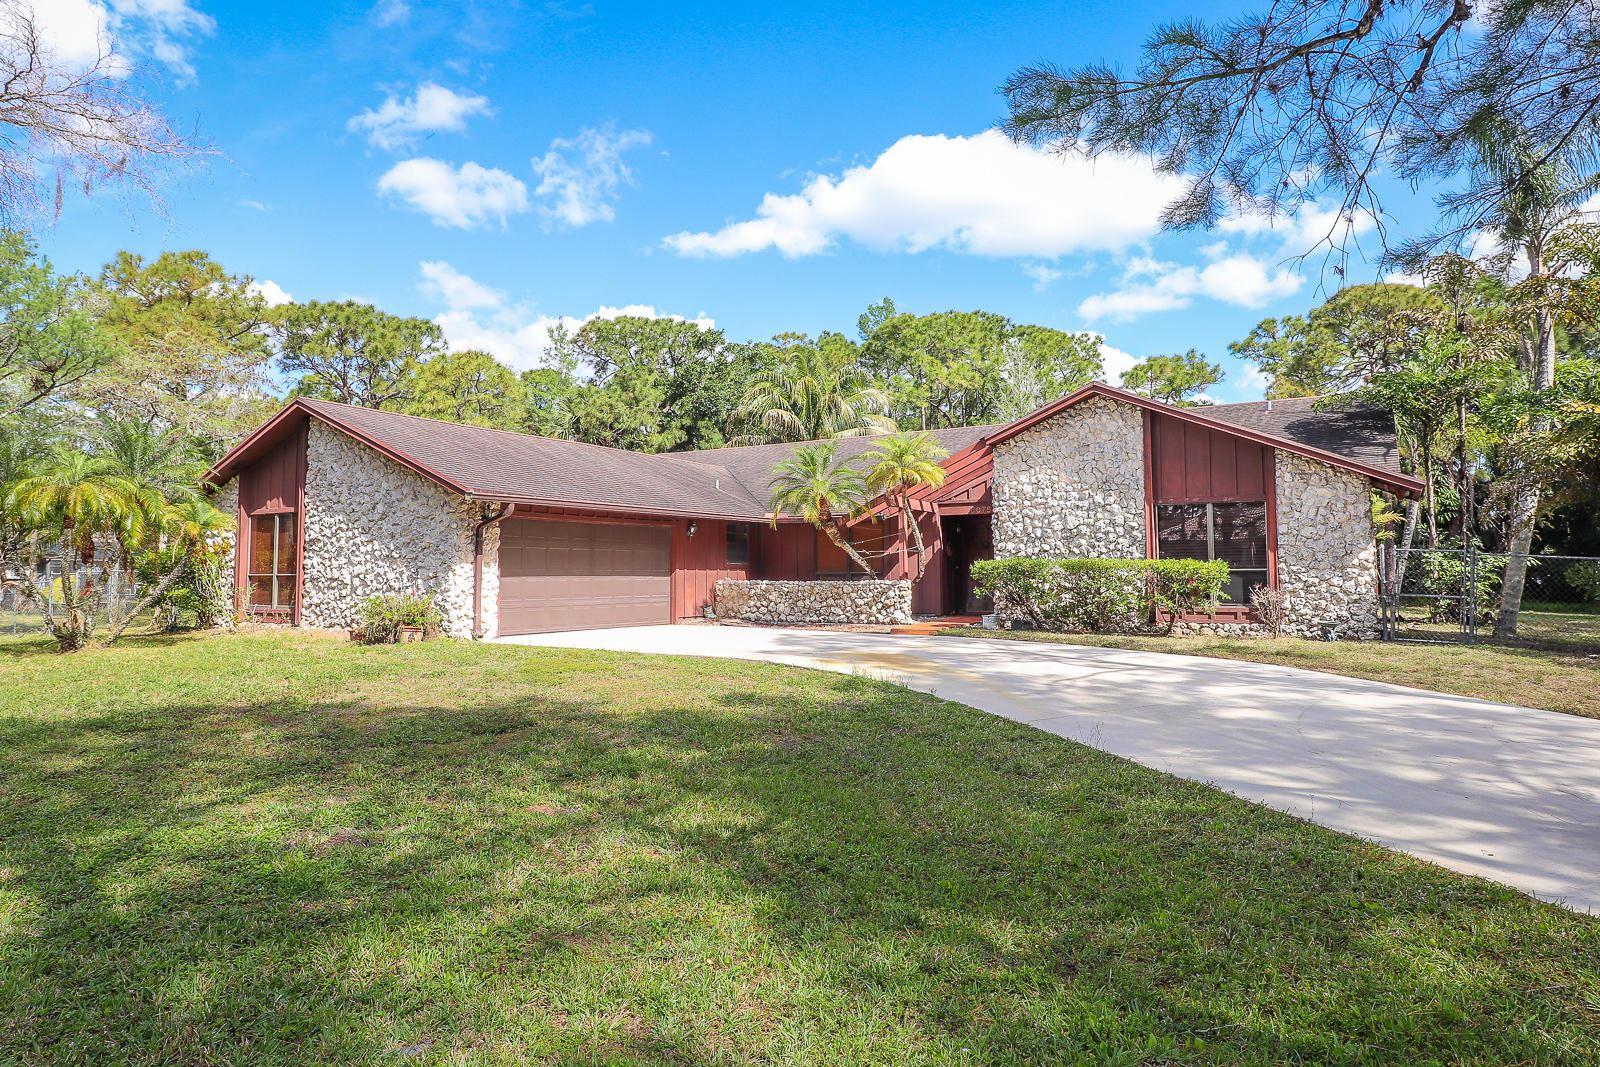 8075 155th Place N, Palm Beach Gardens, FL 33418 - #: RX-10705703